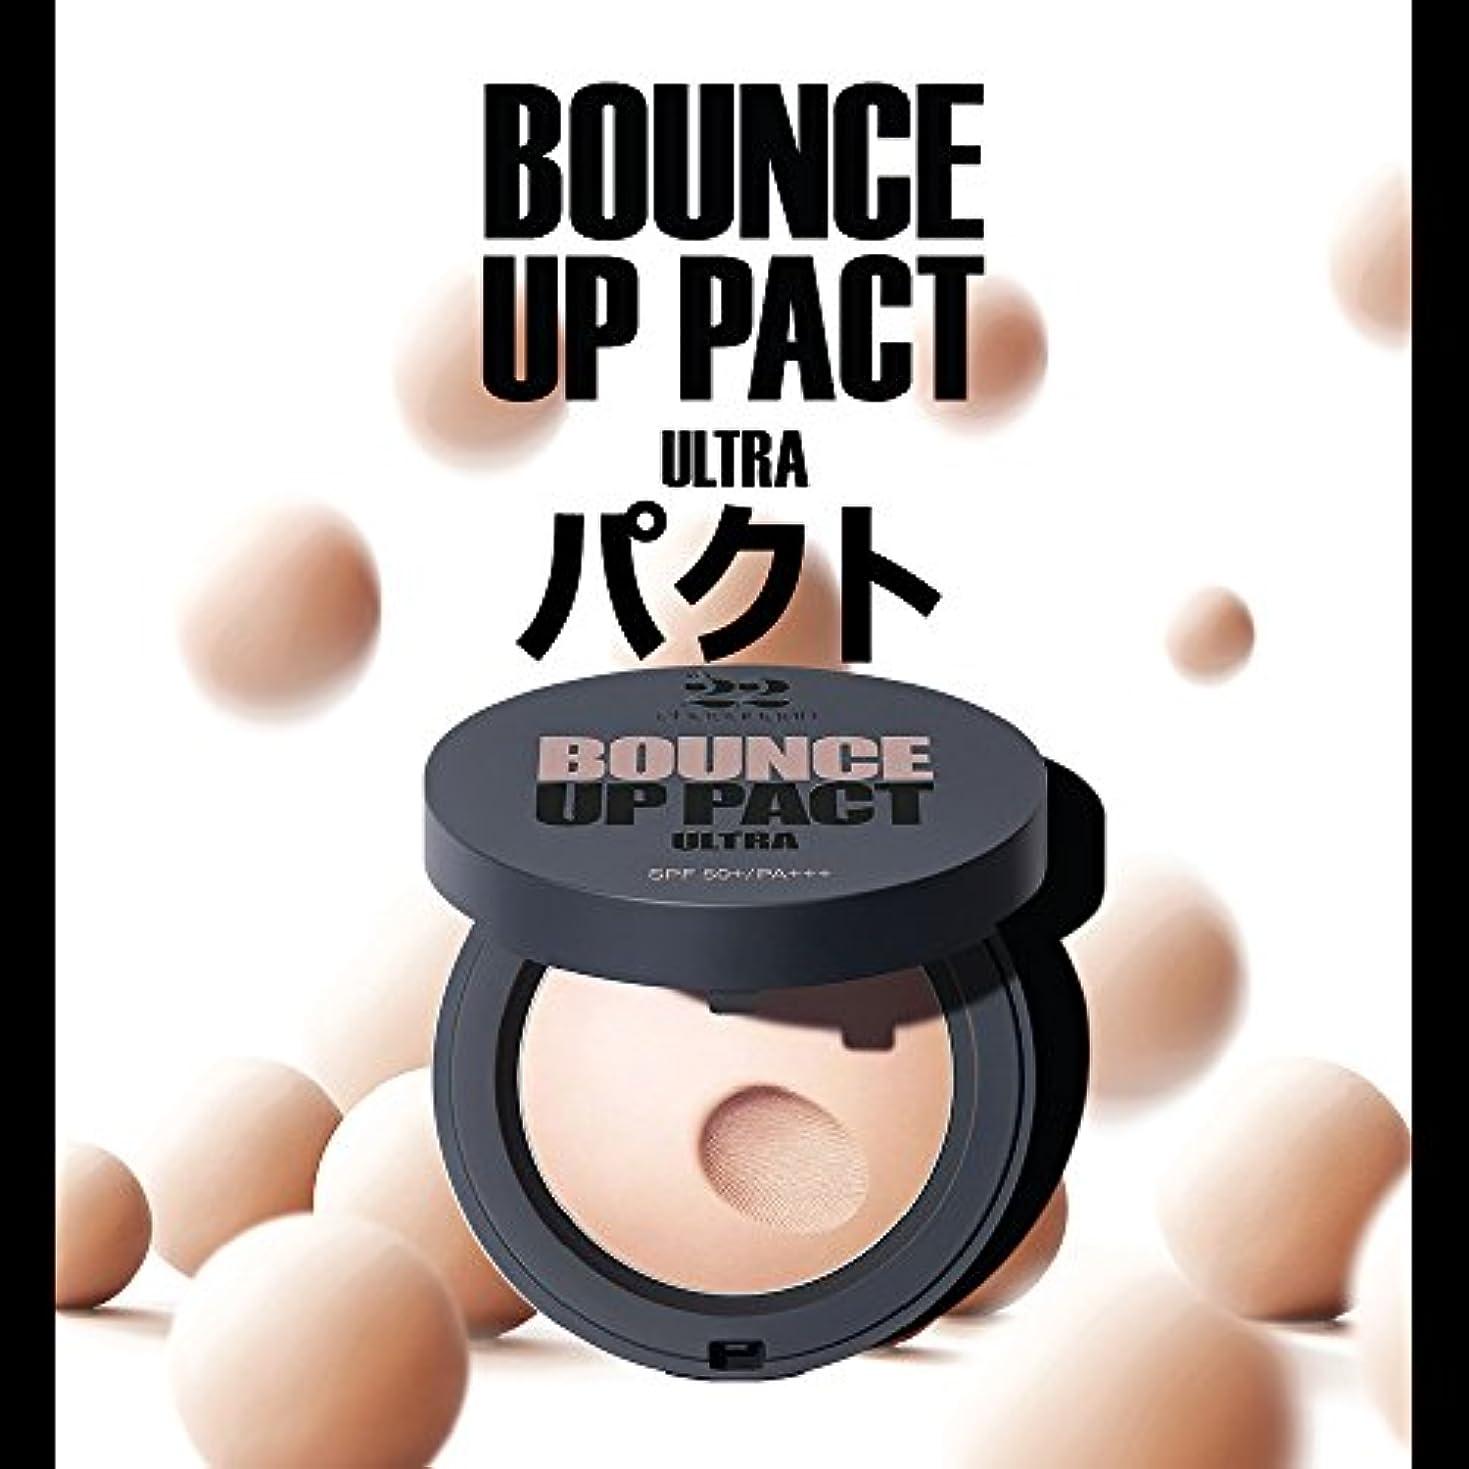 拾うバブルボアチョソンア22 バウンスアップ パクト チョソンア chosungah22 Bounce Up Pact Ultra ★ 韓国 コスメ 韓国コスメ メイク アップ 2号サンドベージュ,パウダータイプ 2号サンドベージュ,パウダータイプ